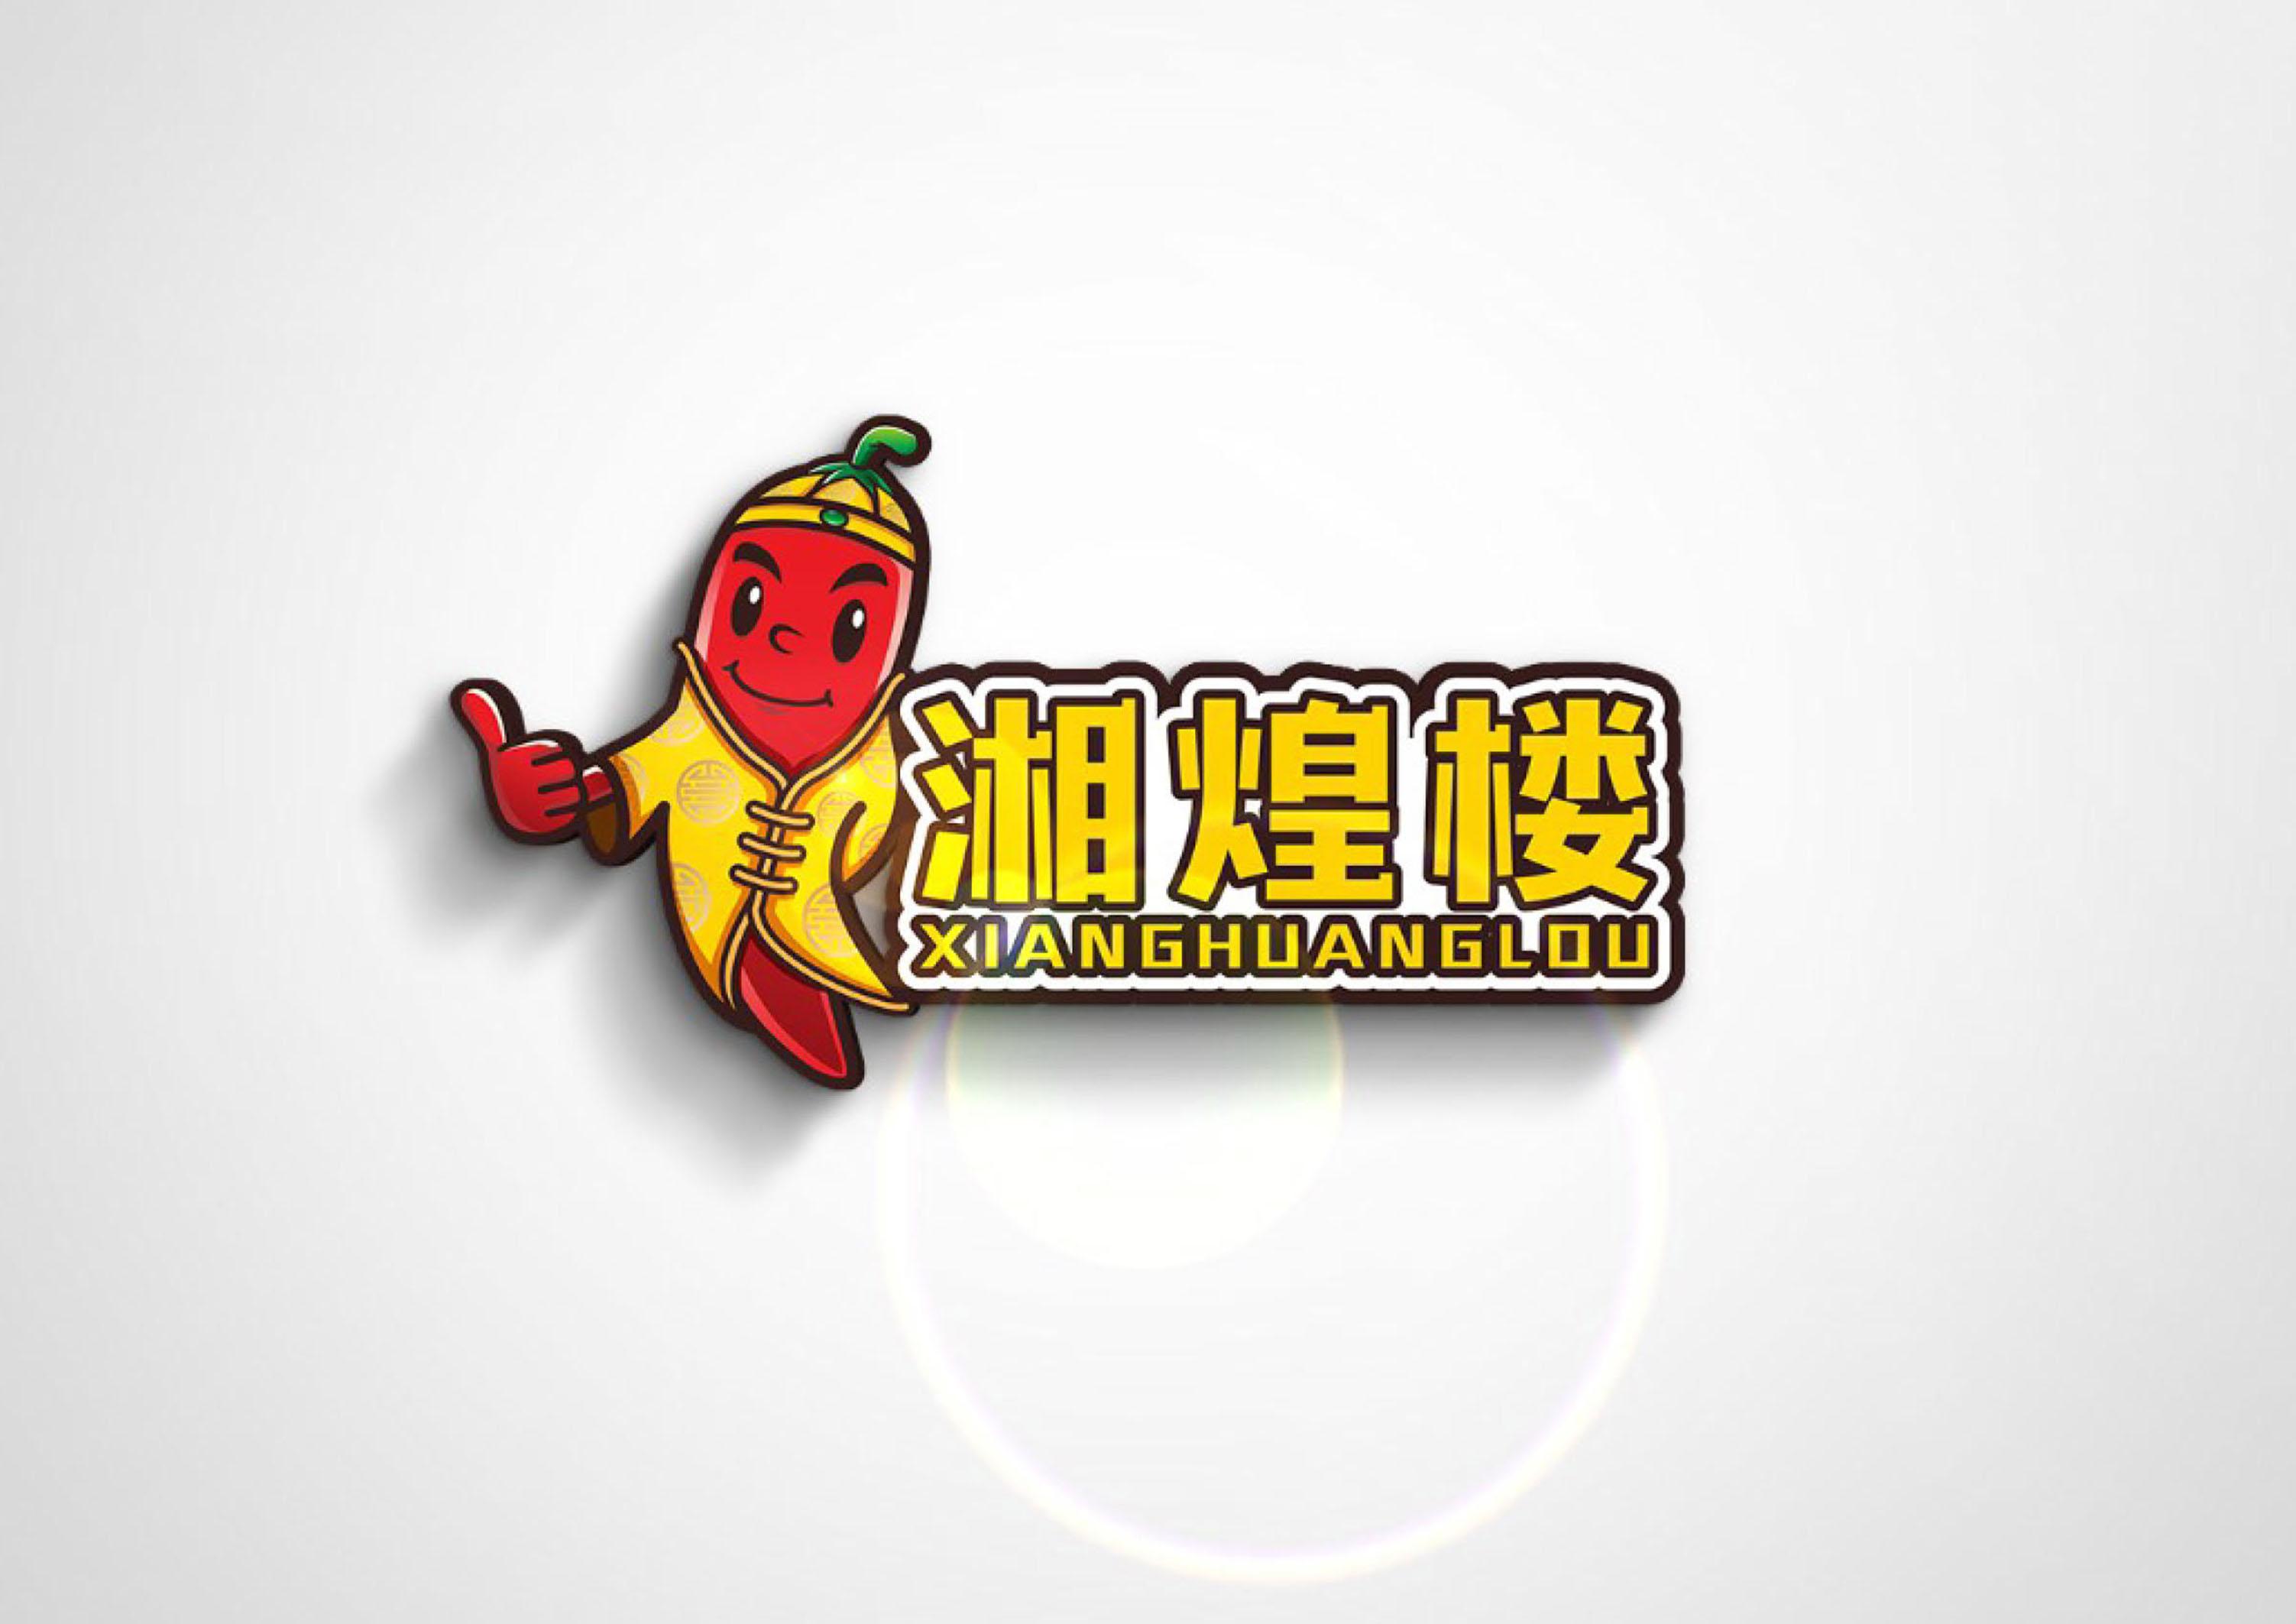 湘煌樓原味湘菜3